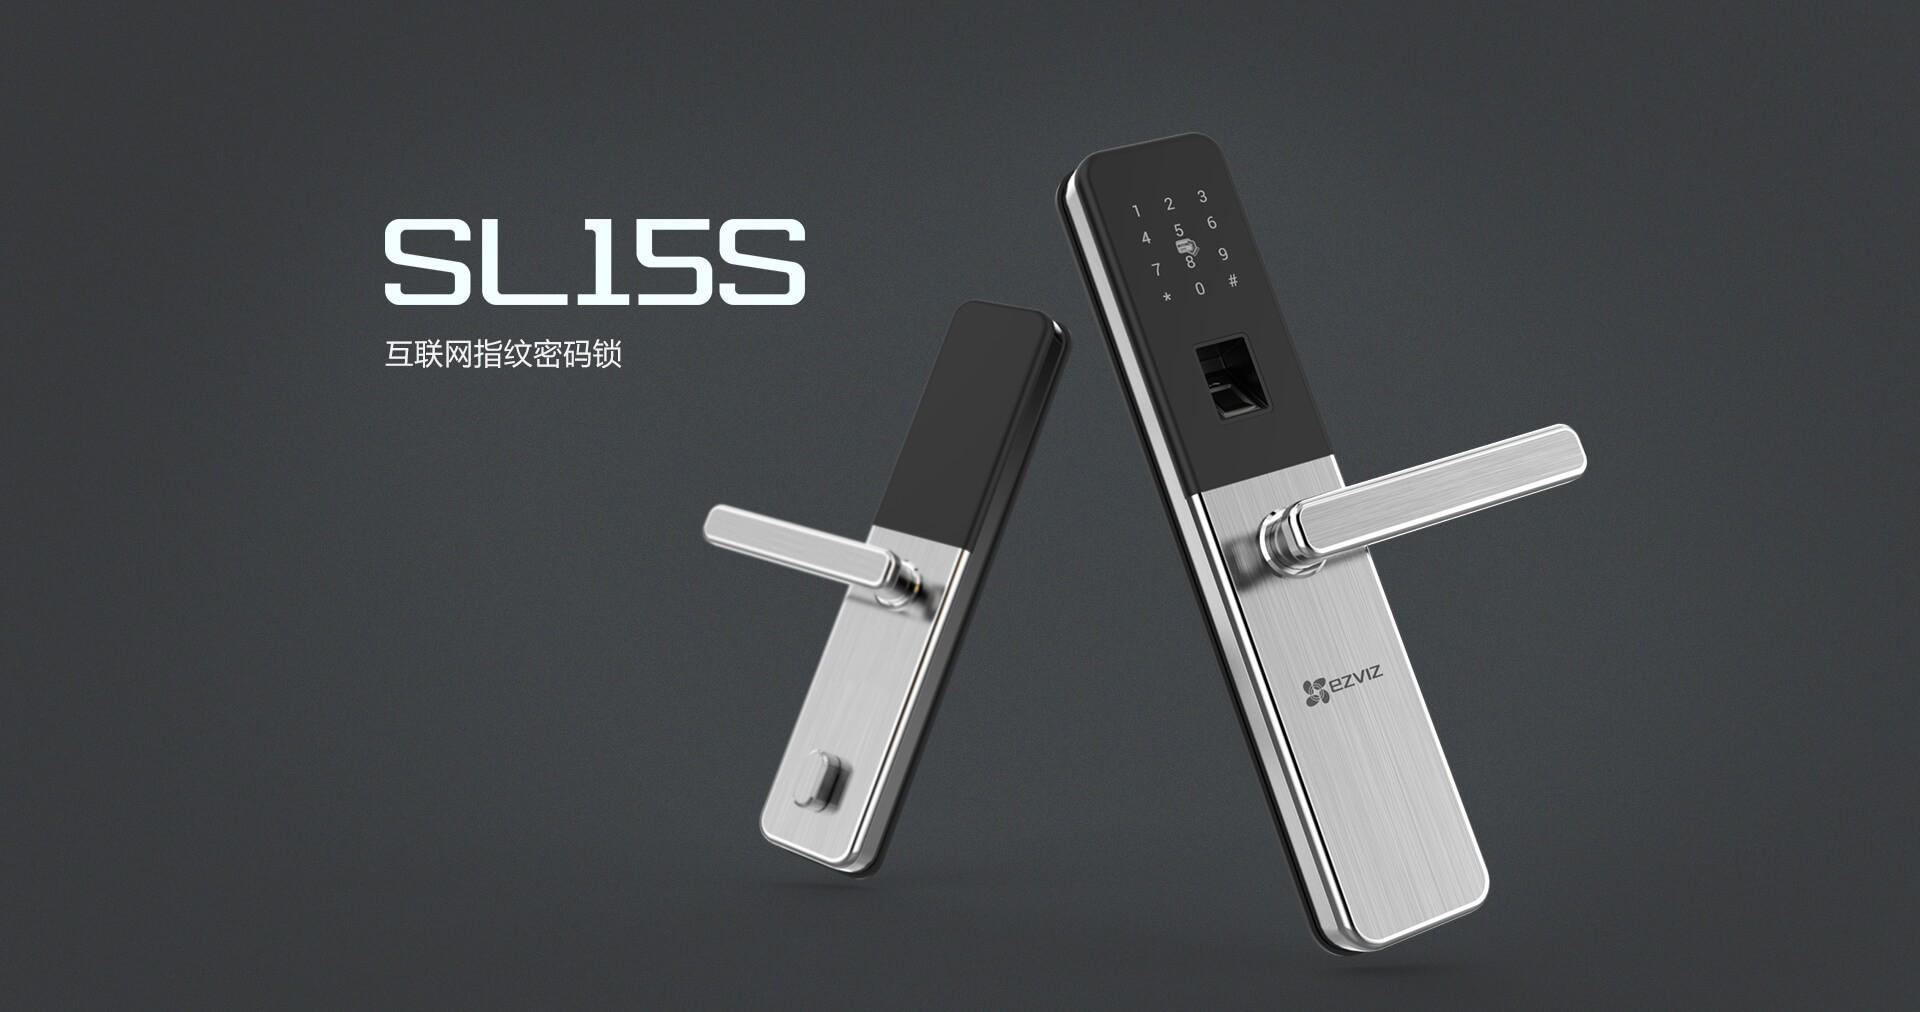 SL15S-web_01.jpg